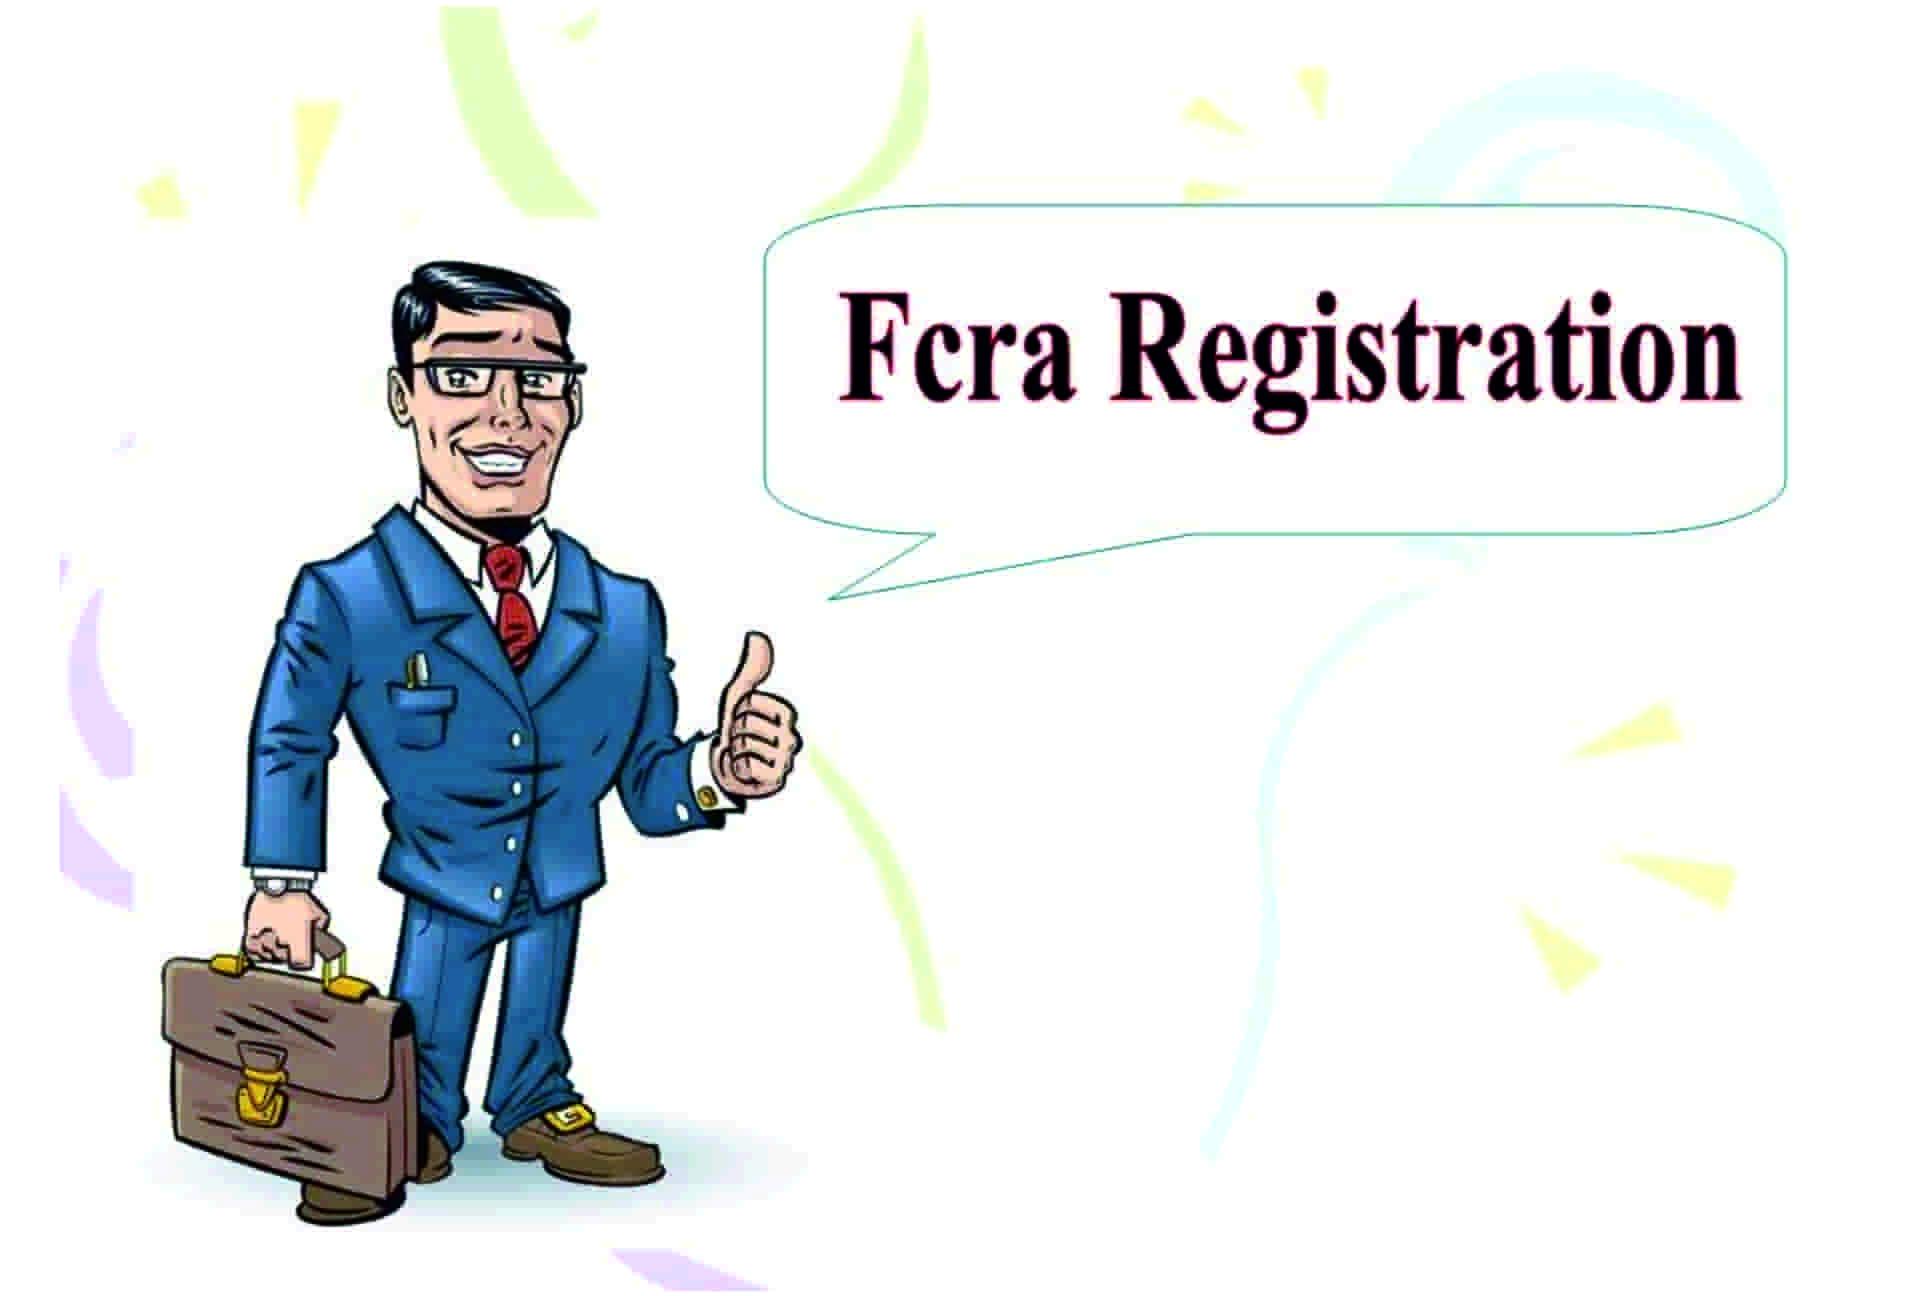 fcra min - FCRA Registration